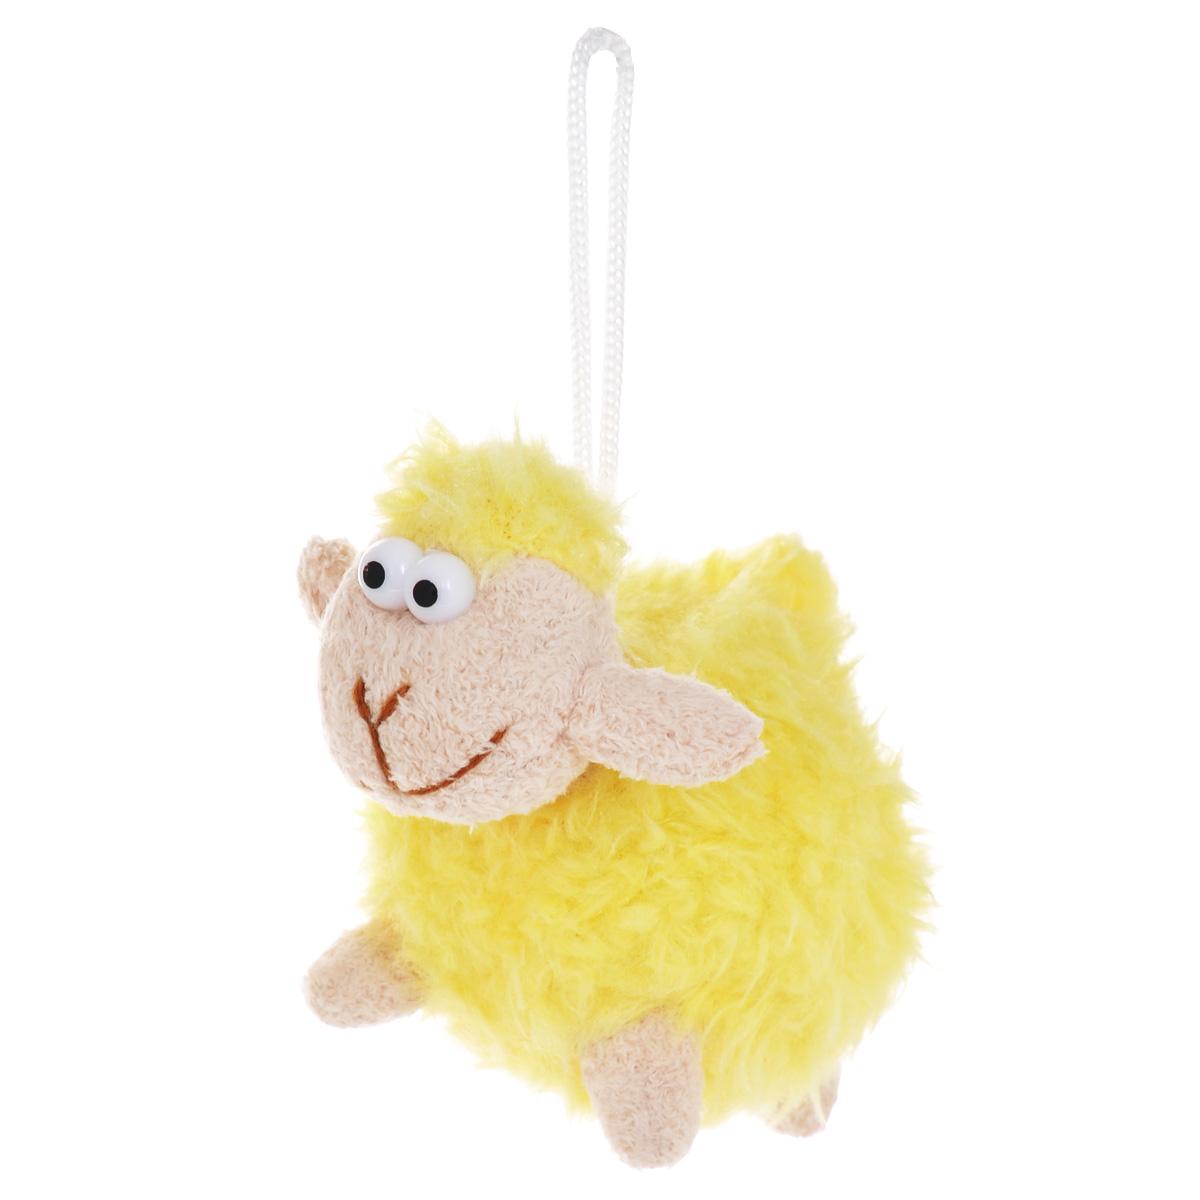 Мягкая игрушка-подвеска Sima-land Овечка, цвет: желтый, 8 см. 332801 мягкая игрушка sima land овечка на присосках 18 см 332770